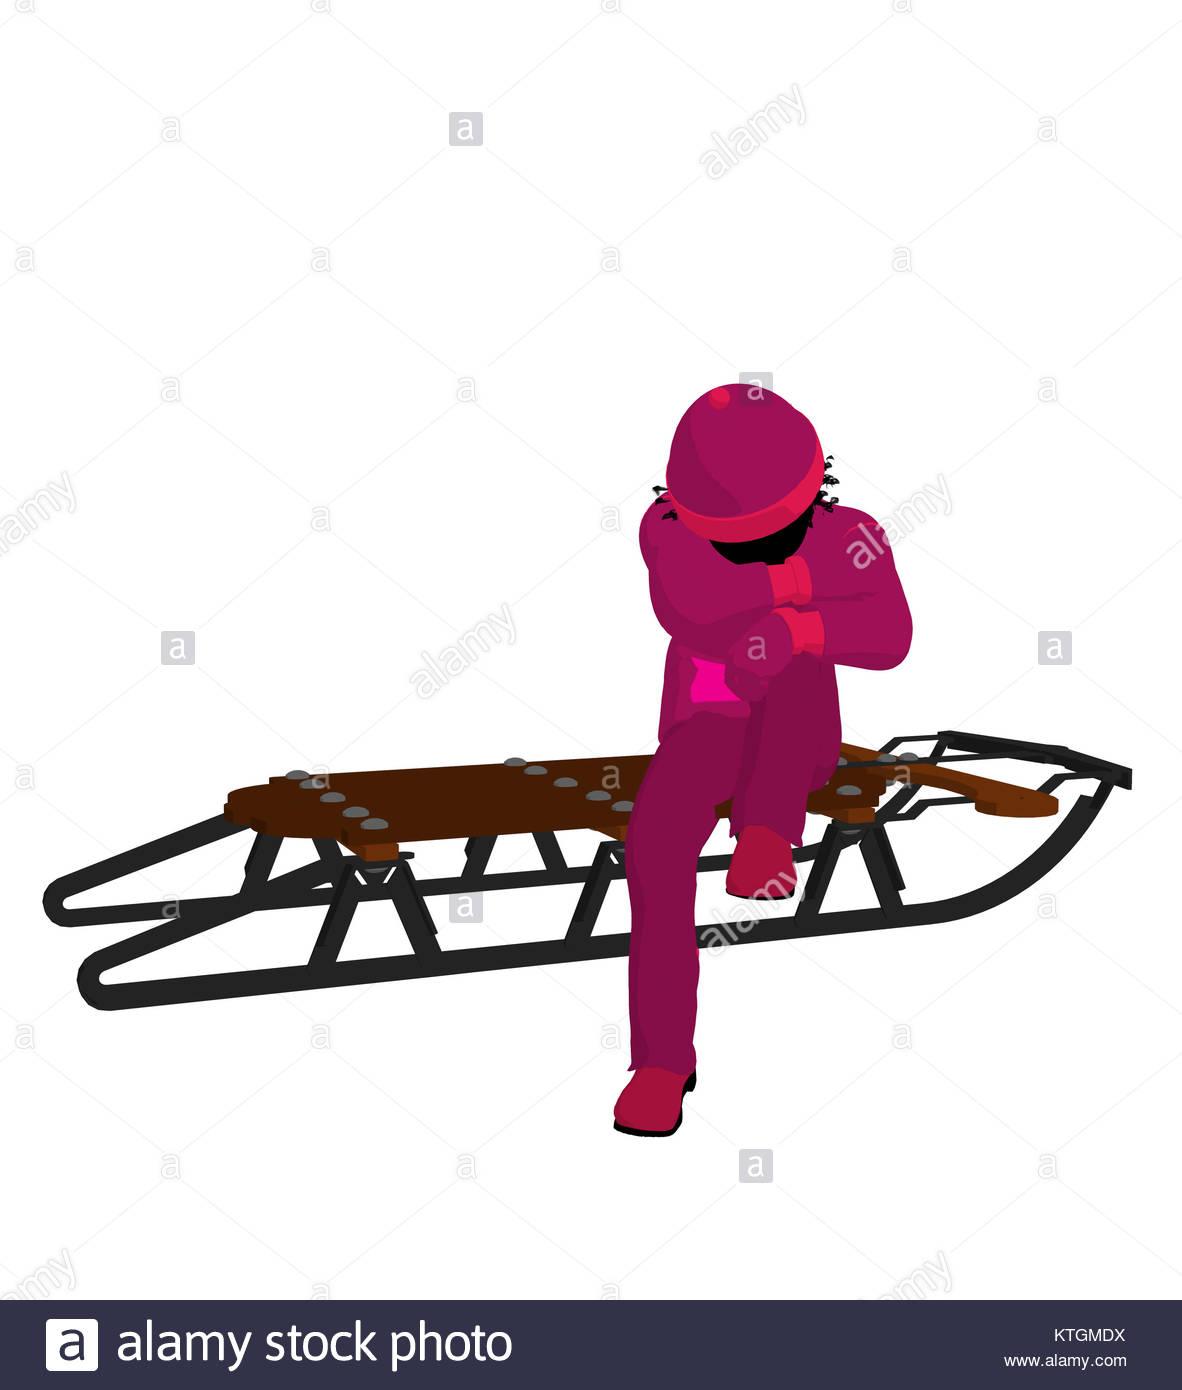 Sleigh Ride Silhouette